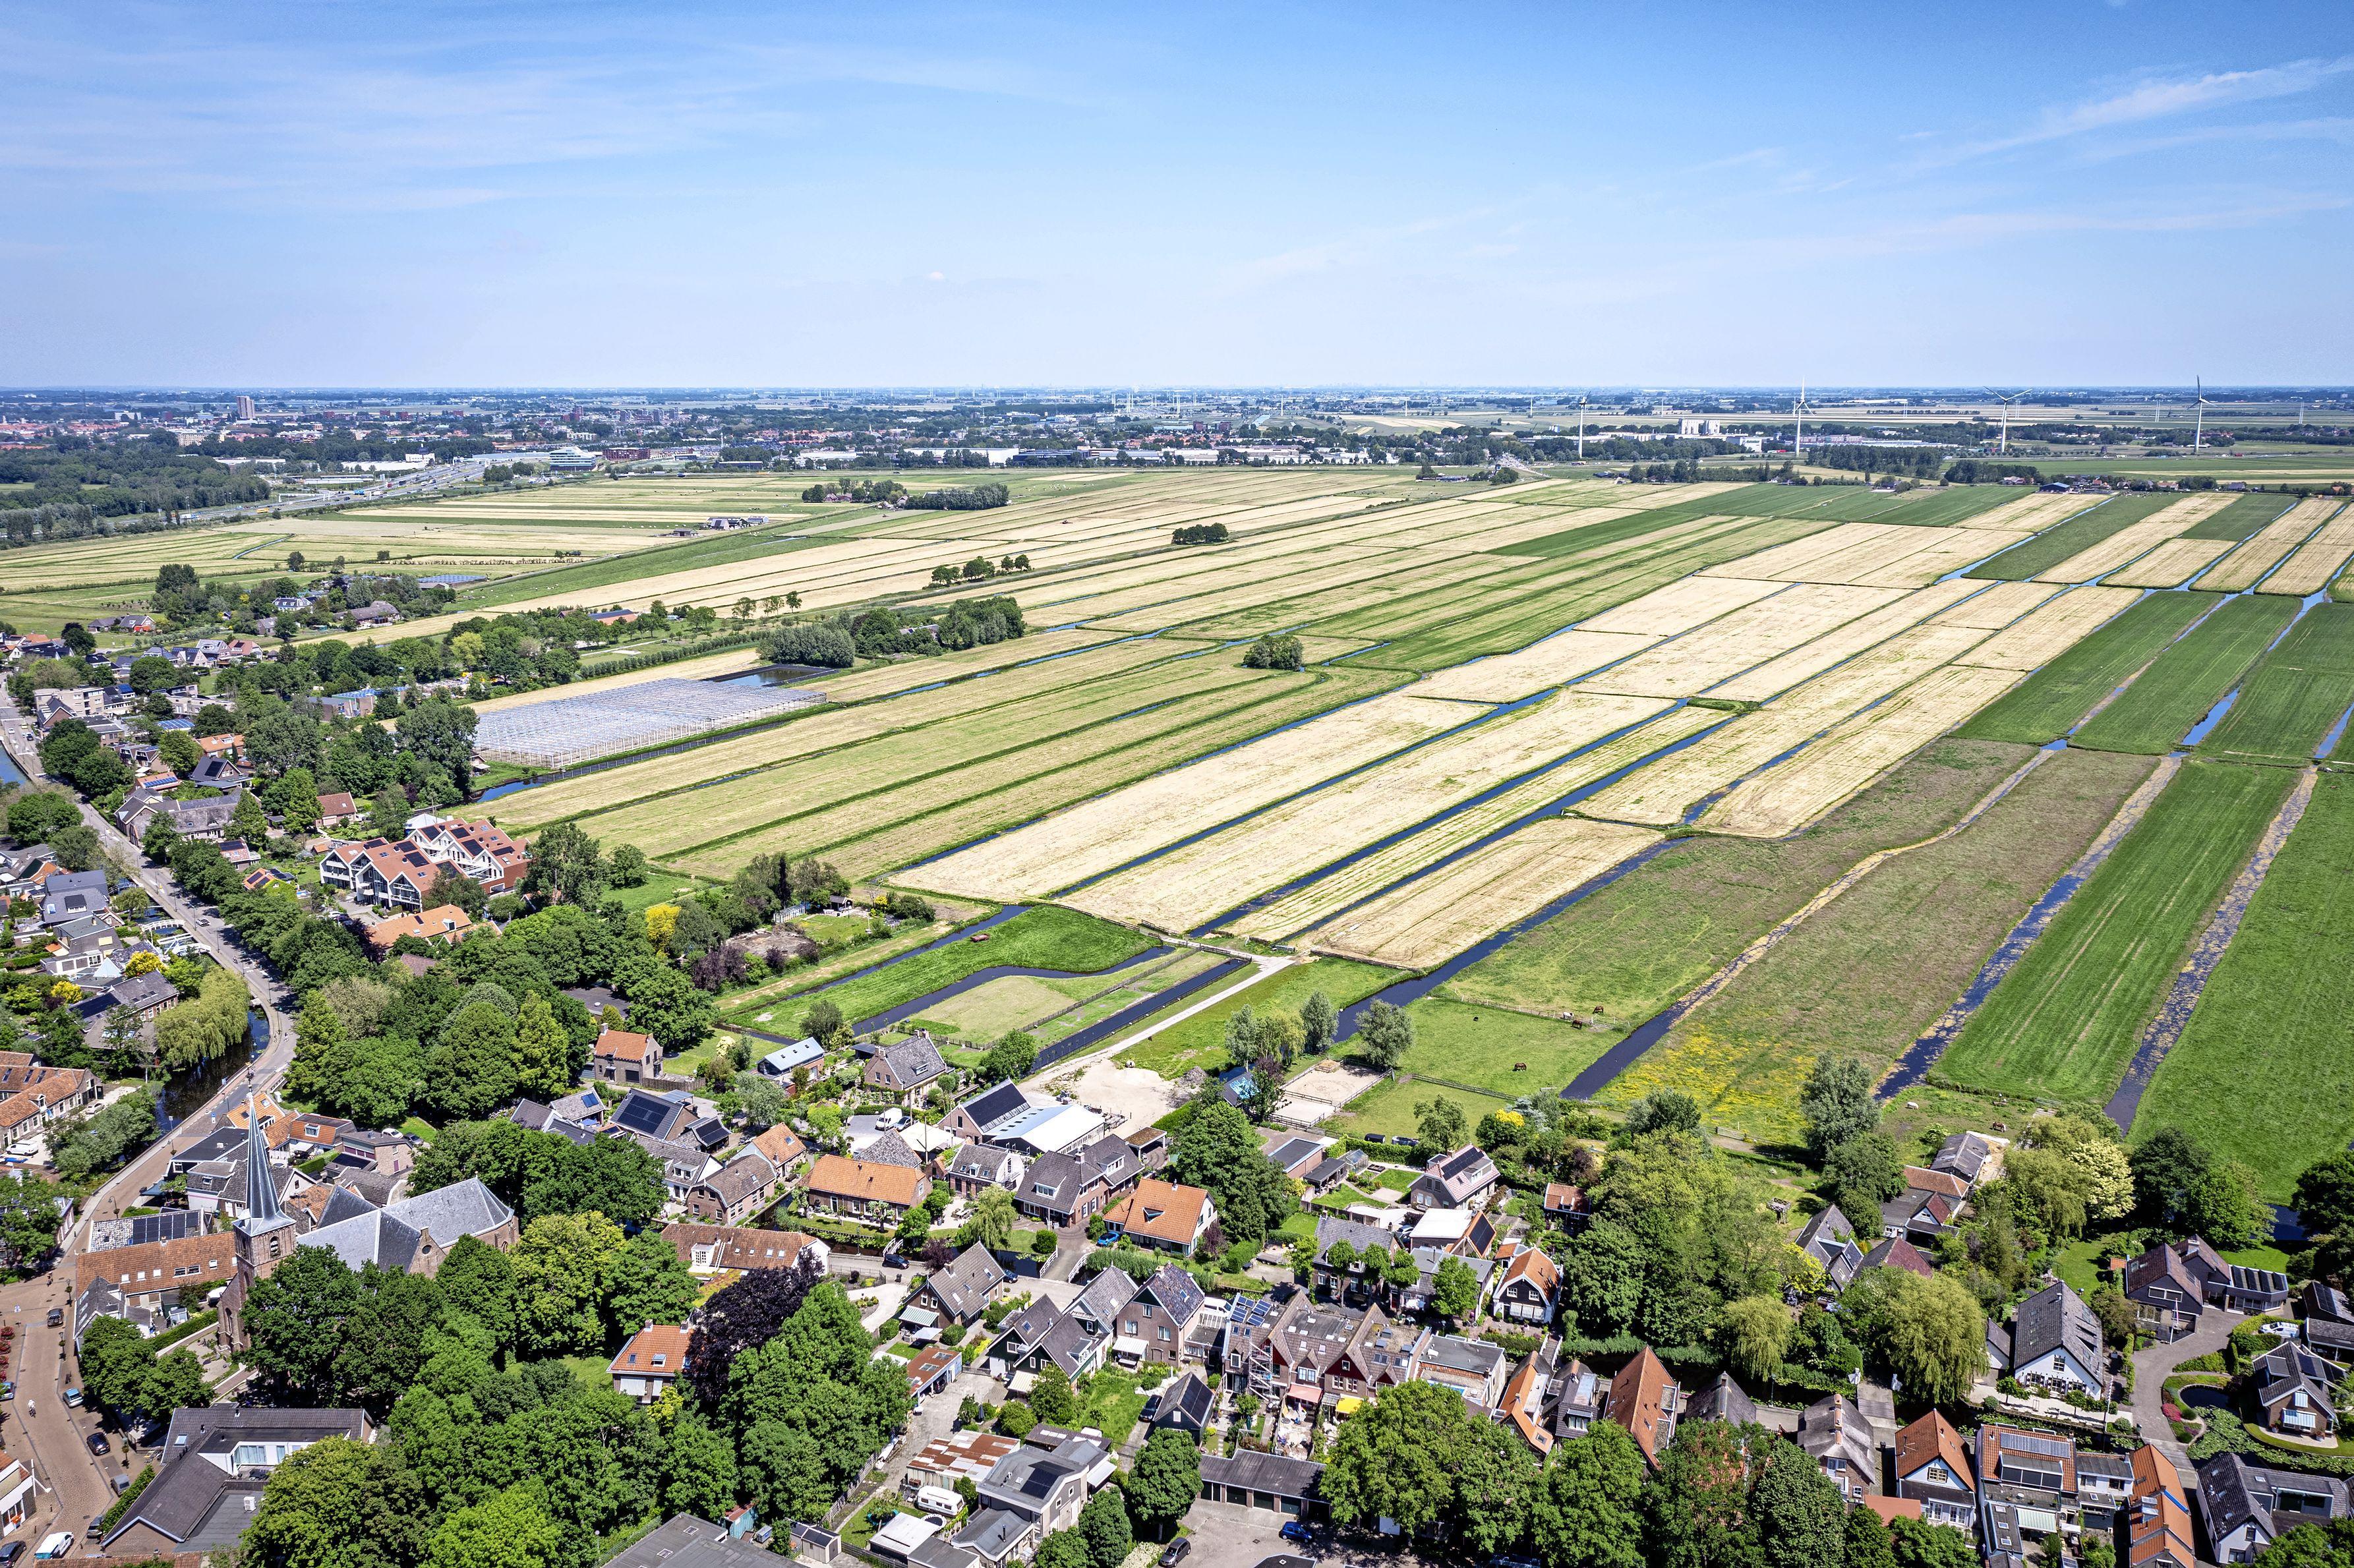 Studie naar bouwplekken in weilanden vindt in Zuid-Holland geen vruchtbare aarde: 'We hebben meer dan genoeg plannen'